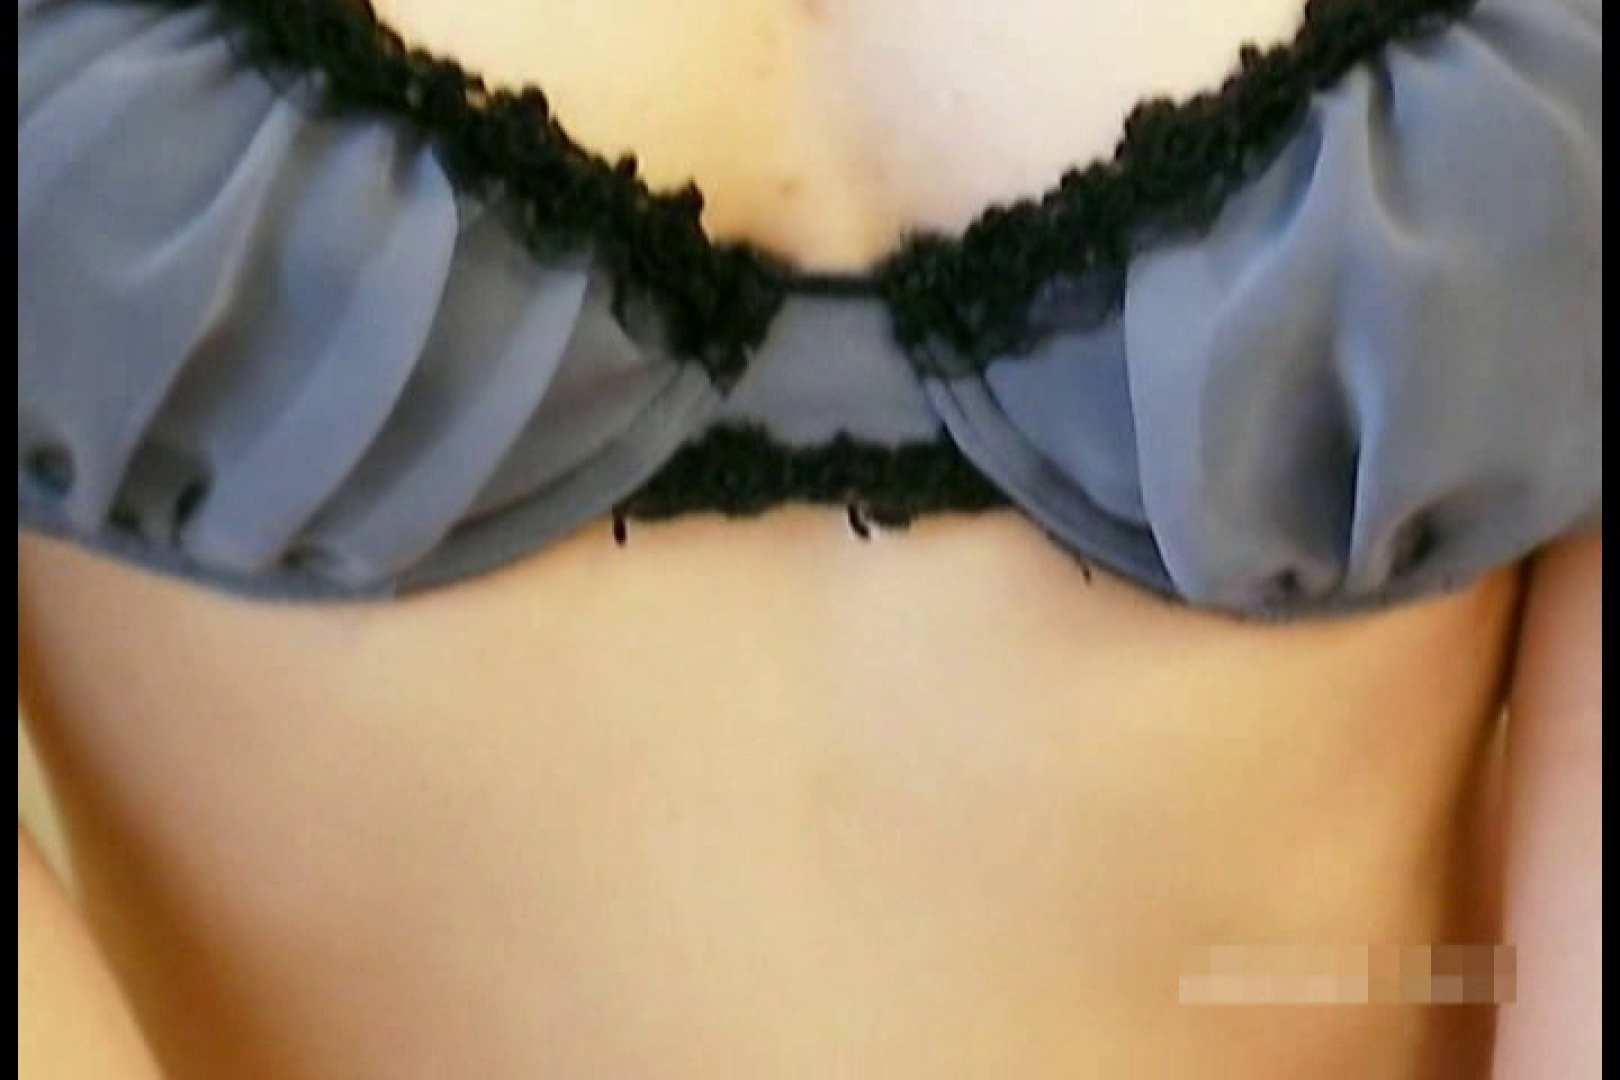 素人撮影 下着だけの撮影のはずが・・・ゆうか18歳 素人 エロ無料画像 77pic 20